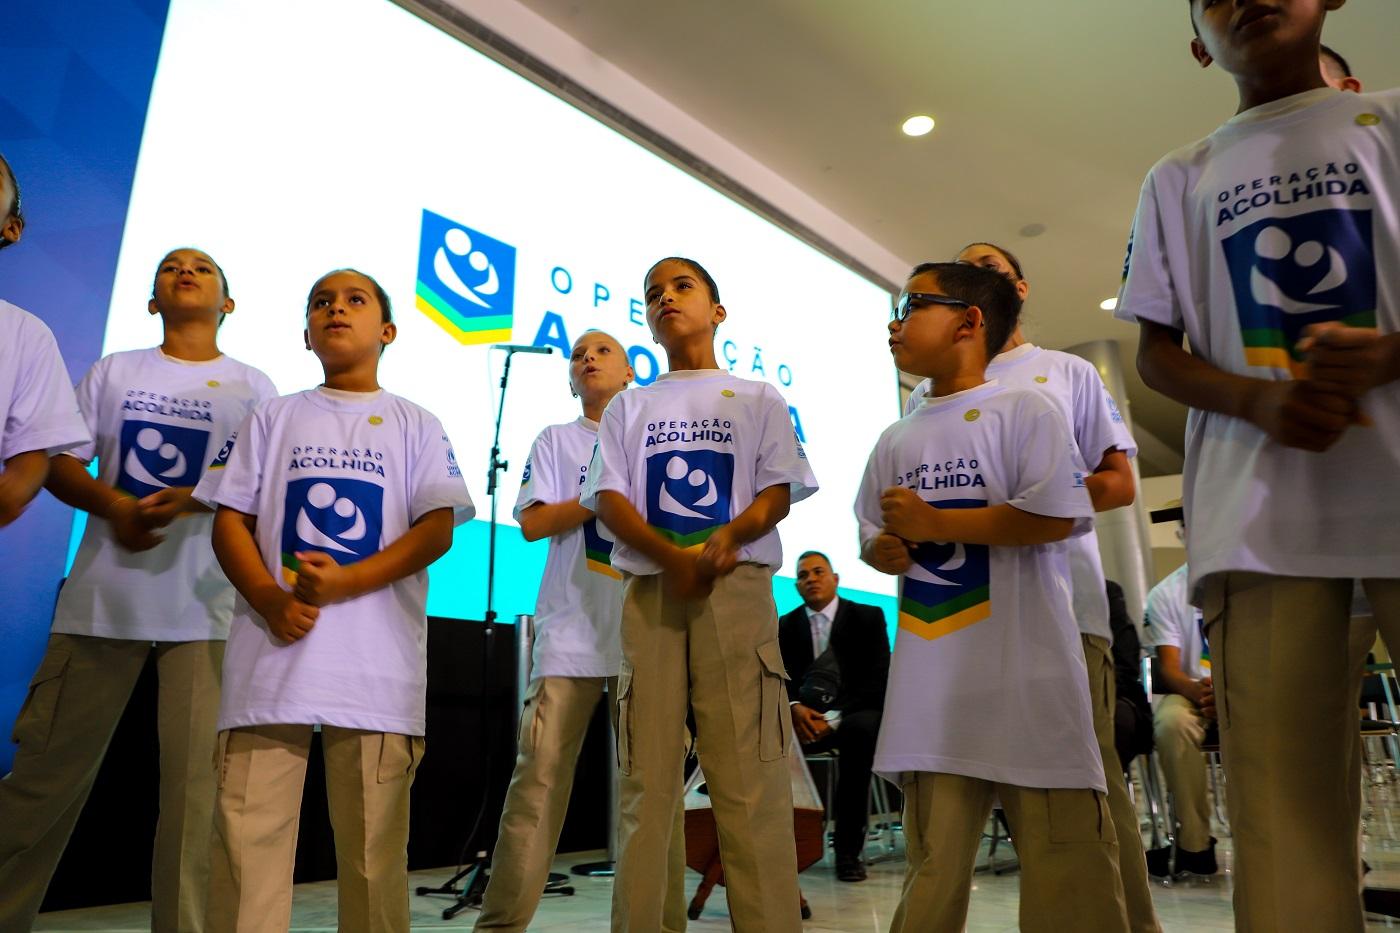 Crianças cantam durante apresentação no Palácio do Planalto